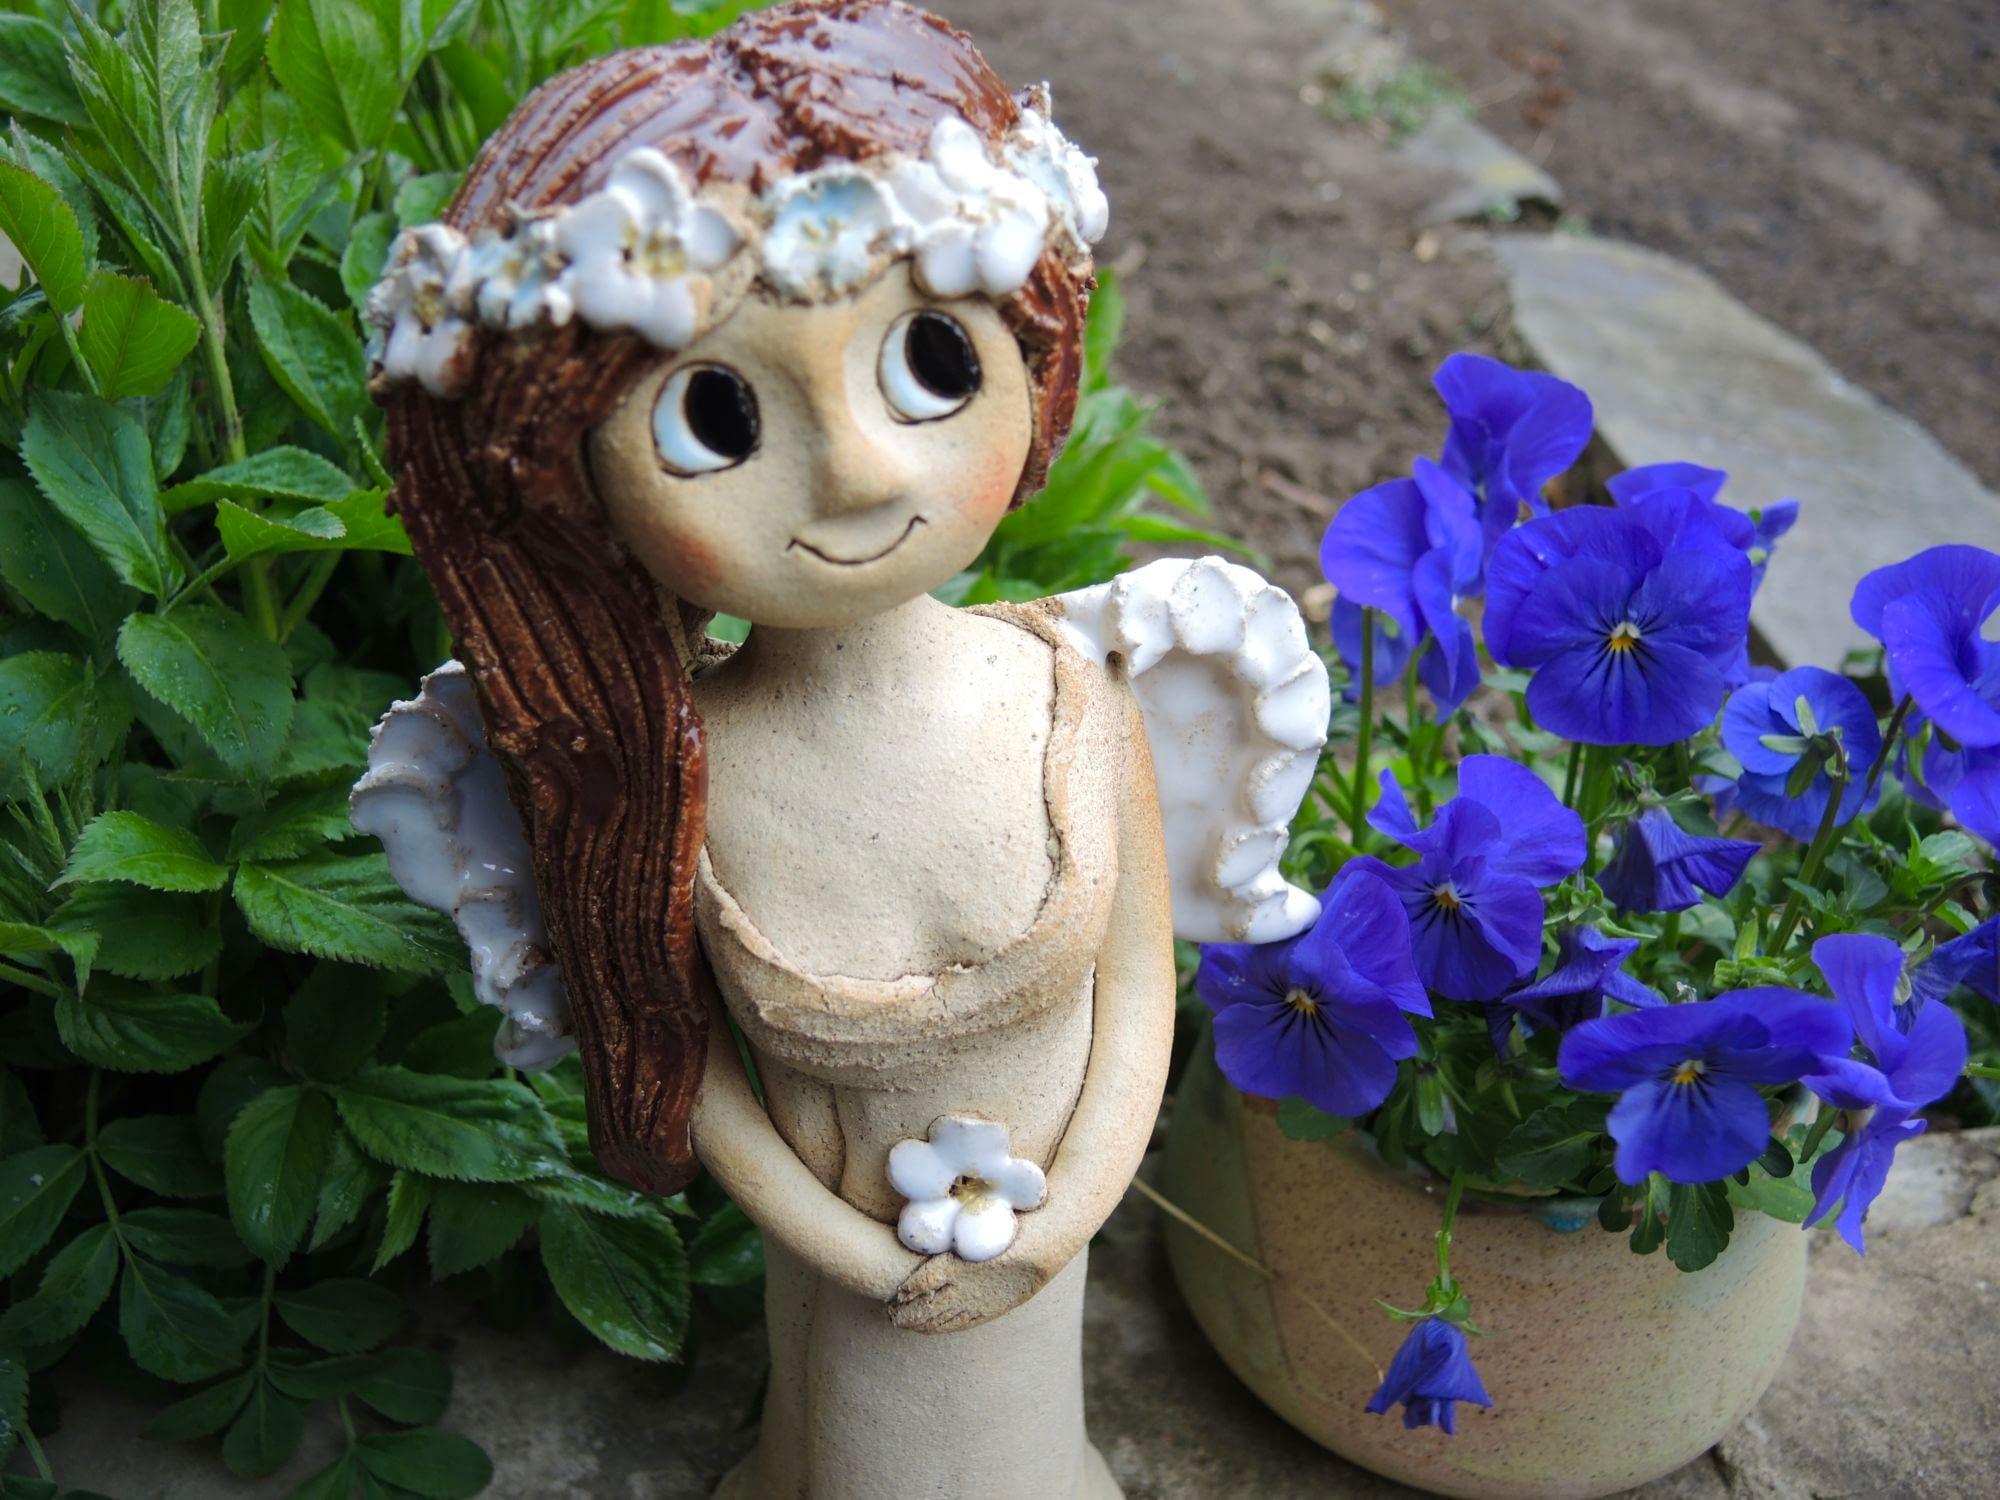 anděl andělka křídla jasmín socha figura dekorace květina keramika keramikaandee